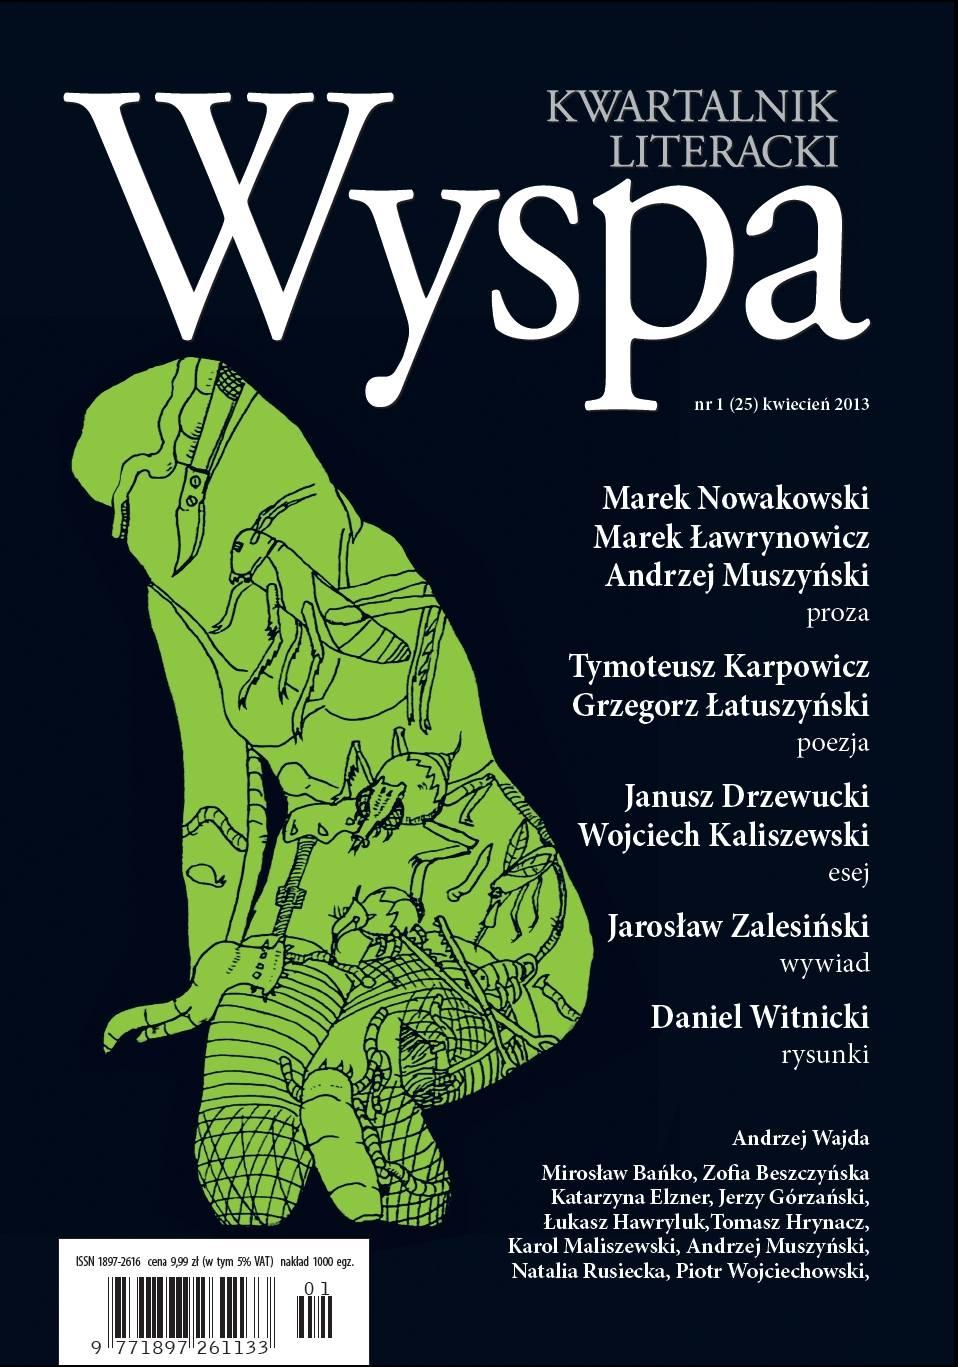 WYSPA Kwartalnik Literacki - nr 1/2013 (25) - Ebook (Książka PDF) do pobrania w formacie PDF